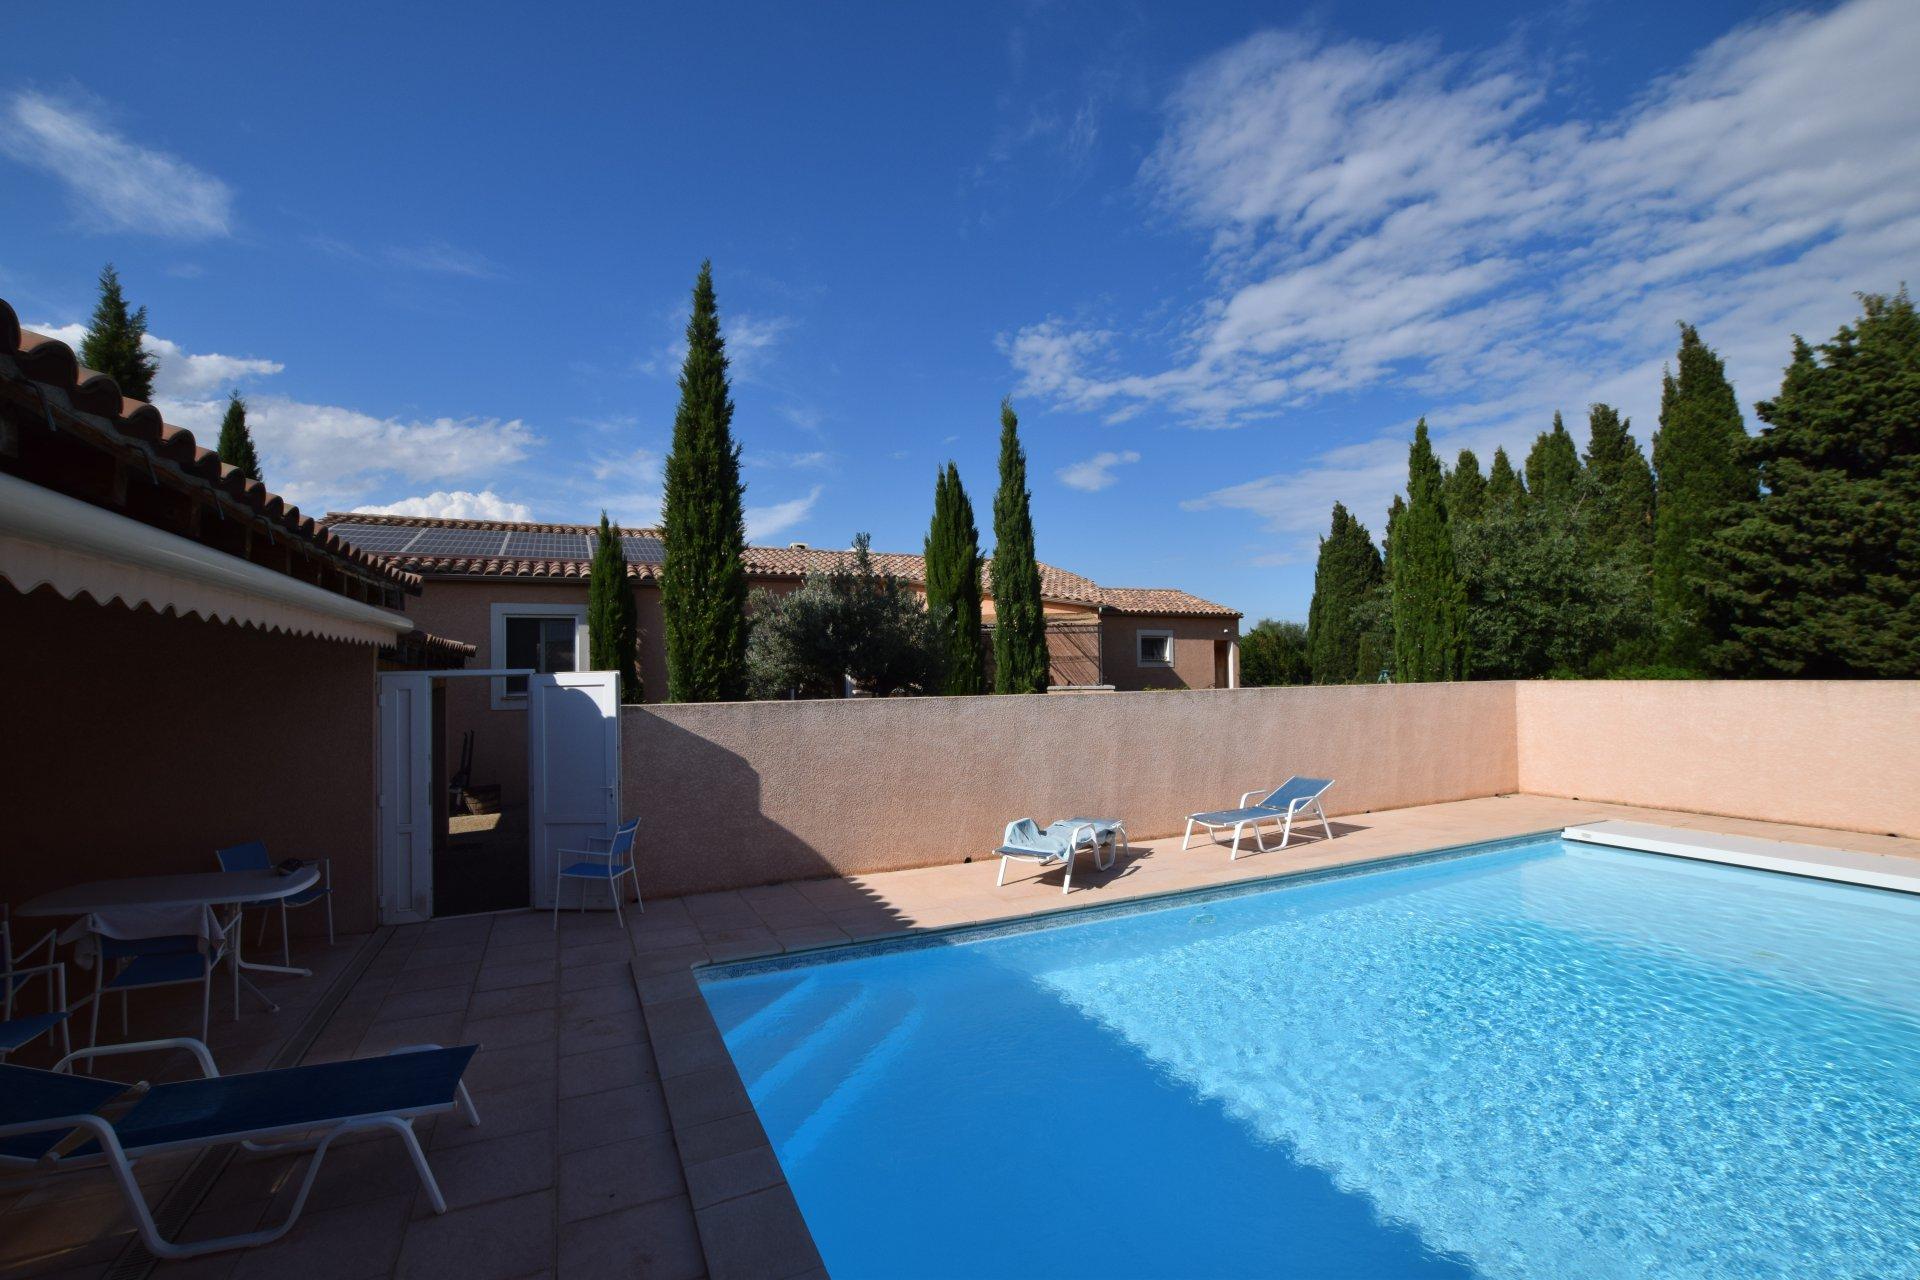 Maison de plain pied avec beau jardin et piscine